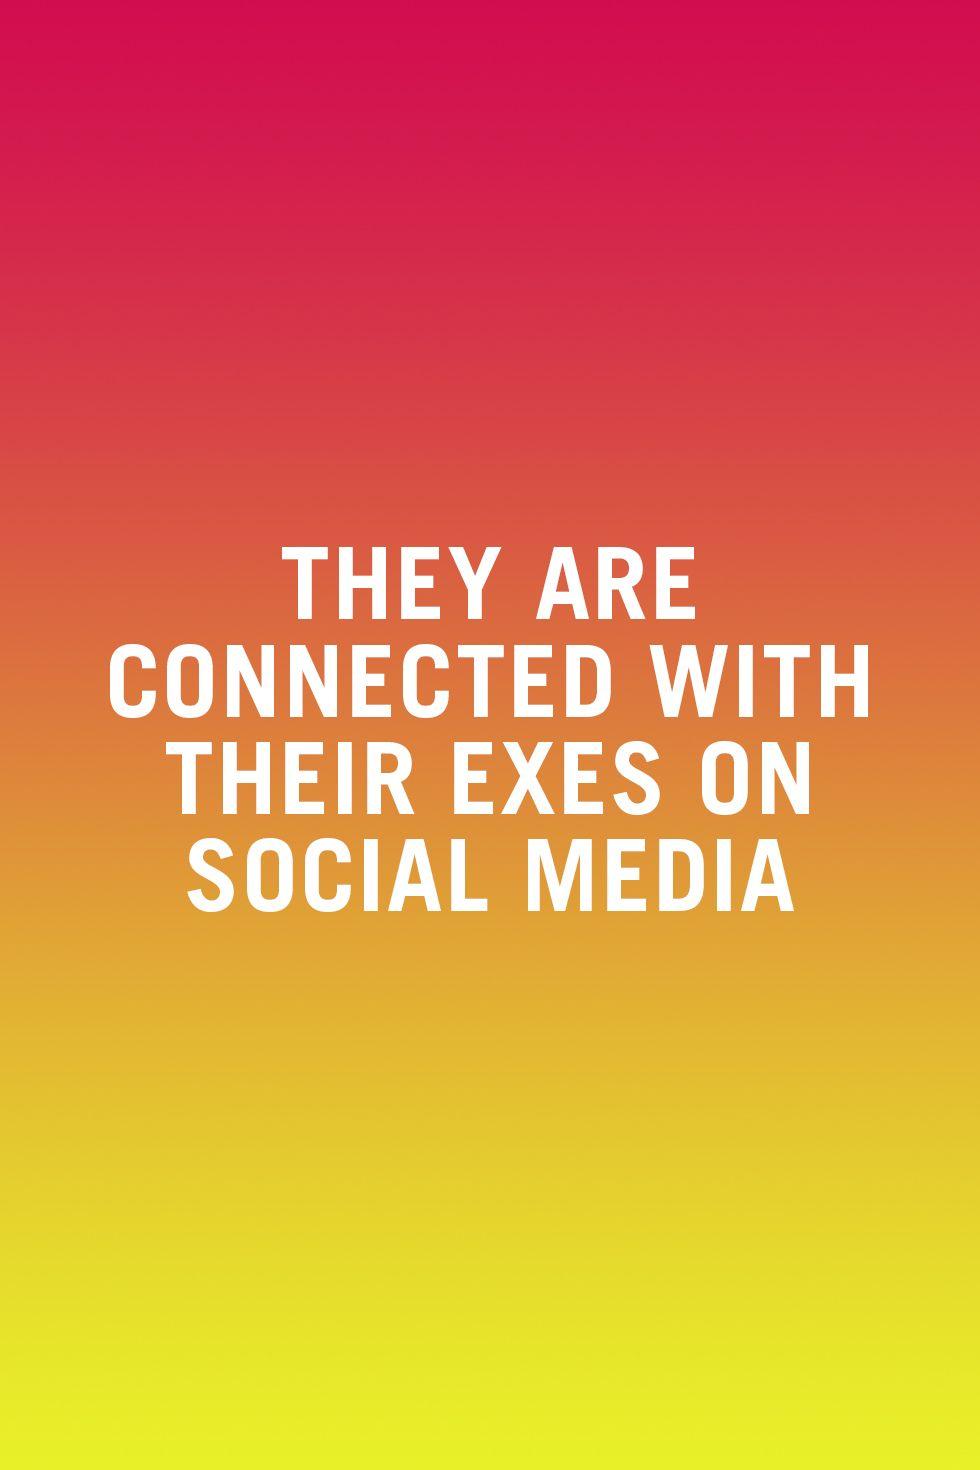 social media cheating